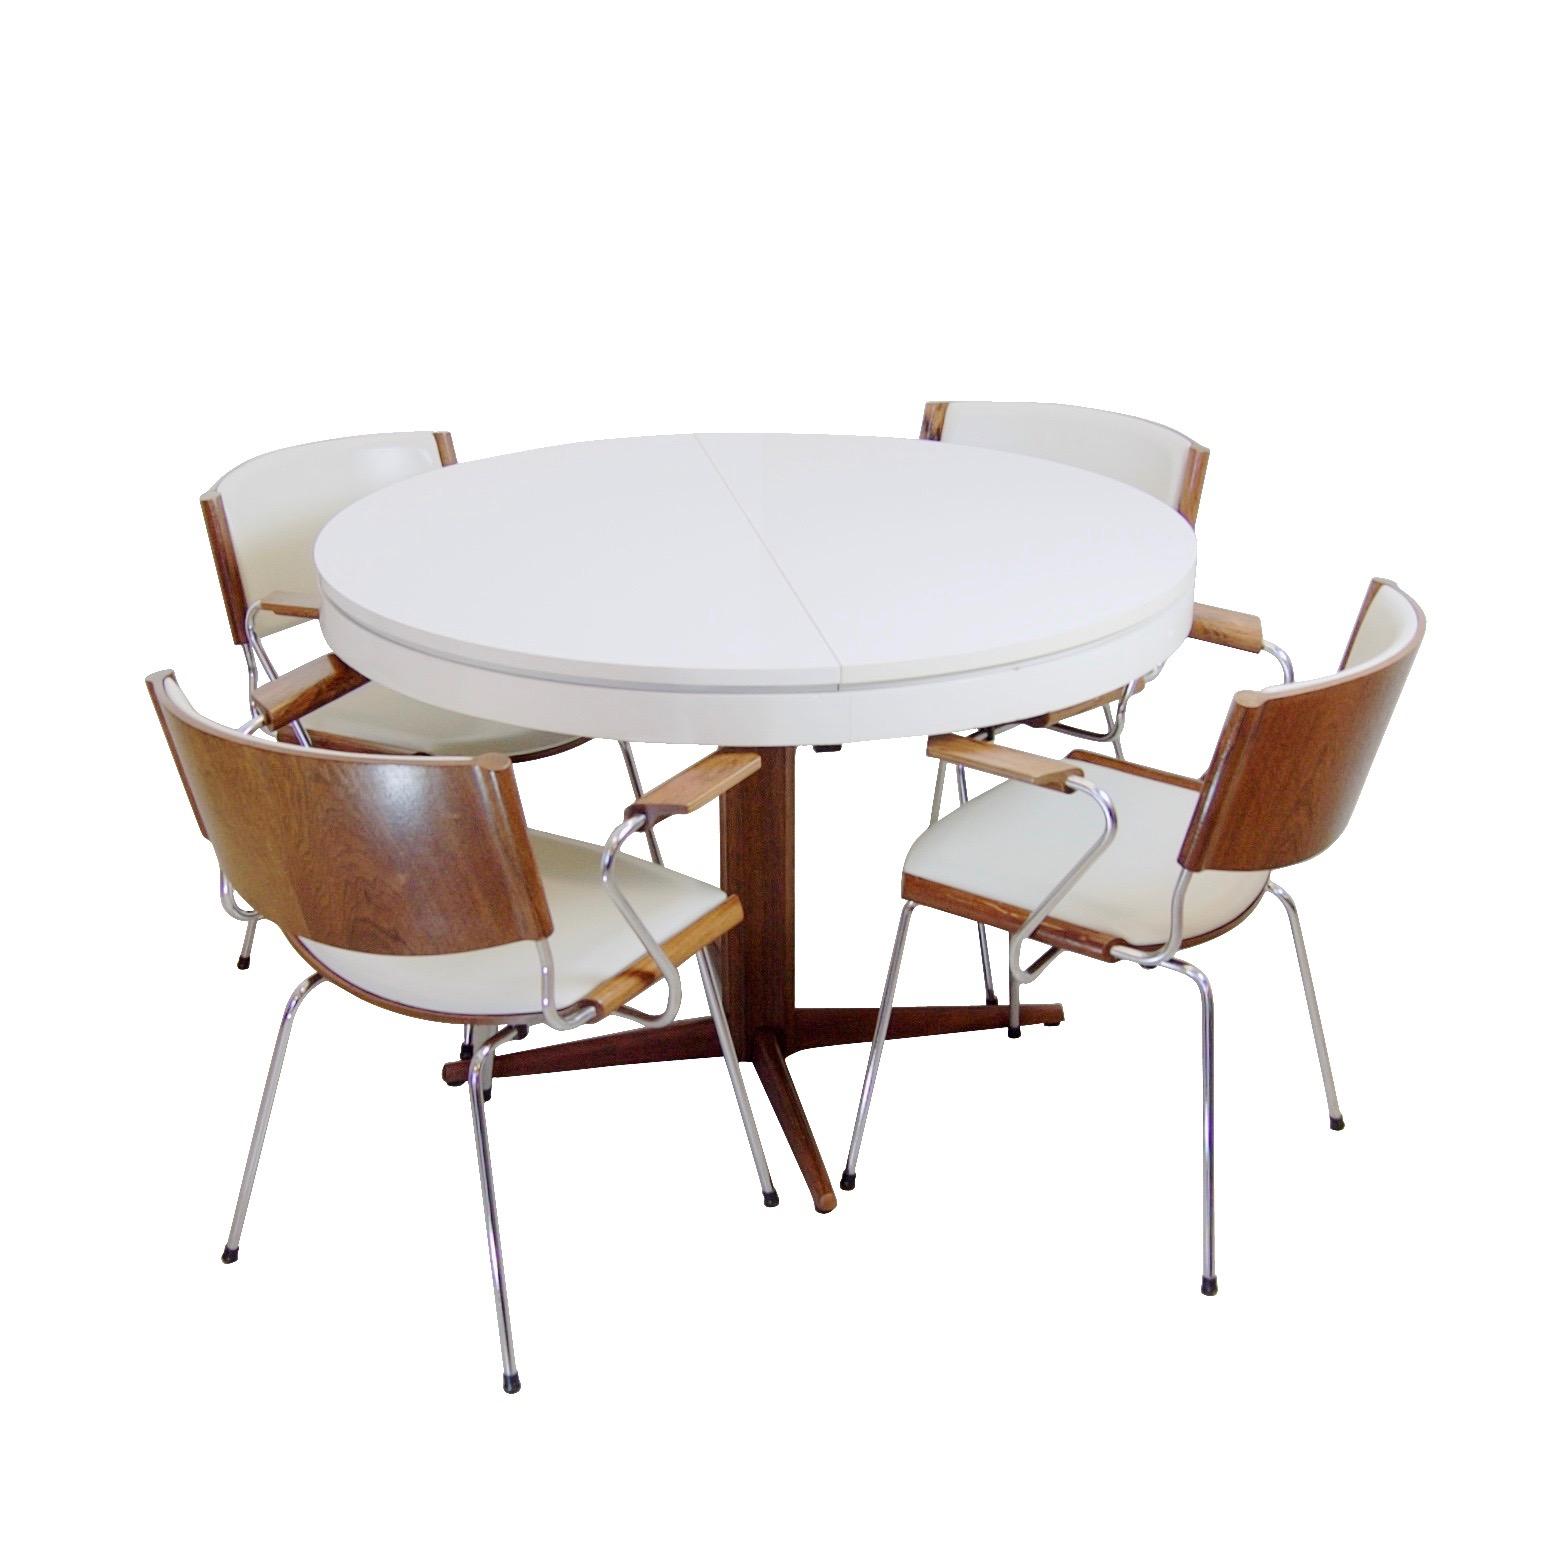 Eettafel Set Met 4 Stoelen.Nanna Ditzel Voor Kolds Savvaerk Eetkamertafel Met 4 Stoelen